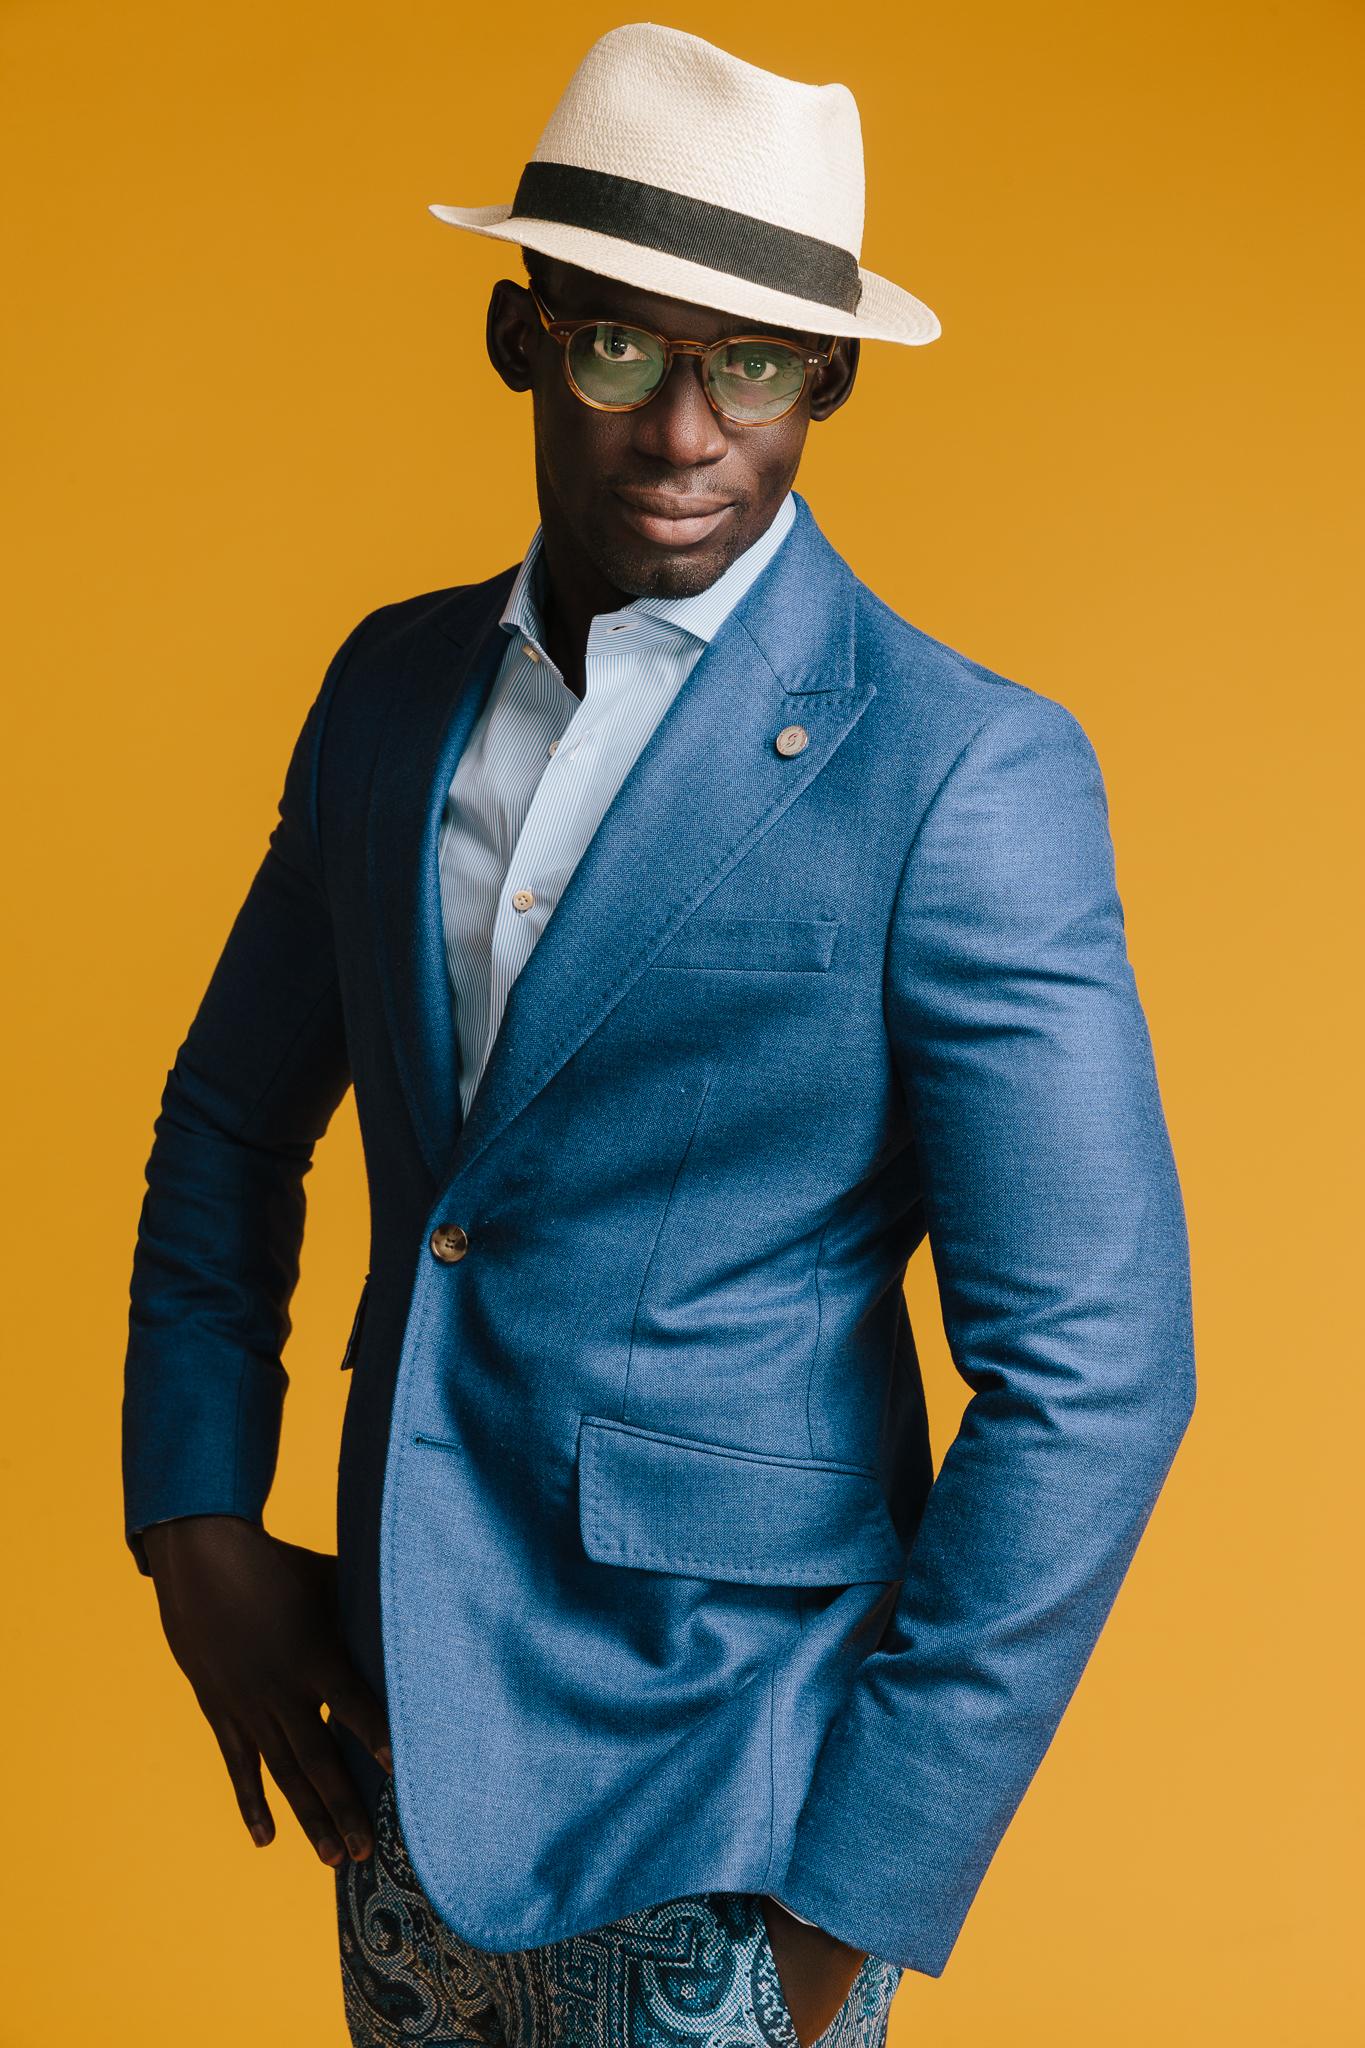 Modebild för Castor Pollux mot gul bakgrund, reklam